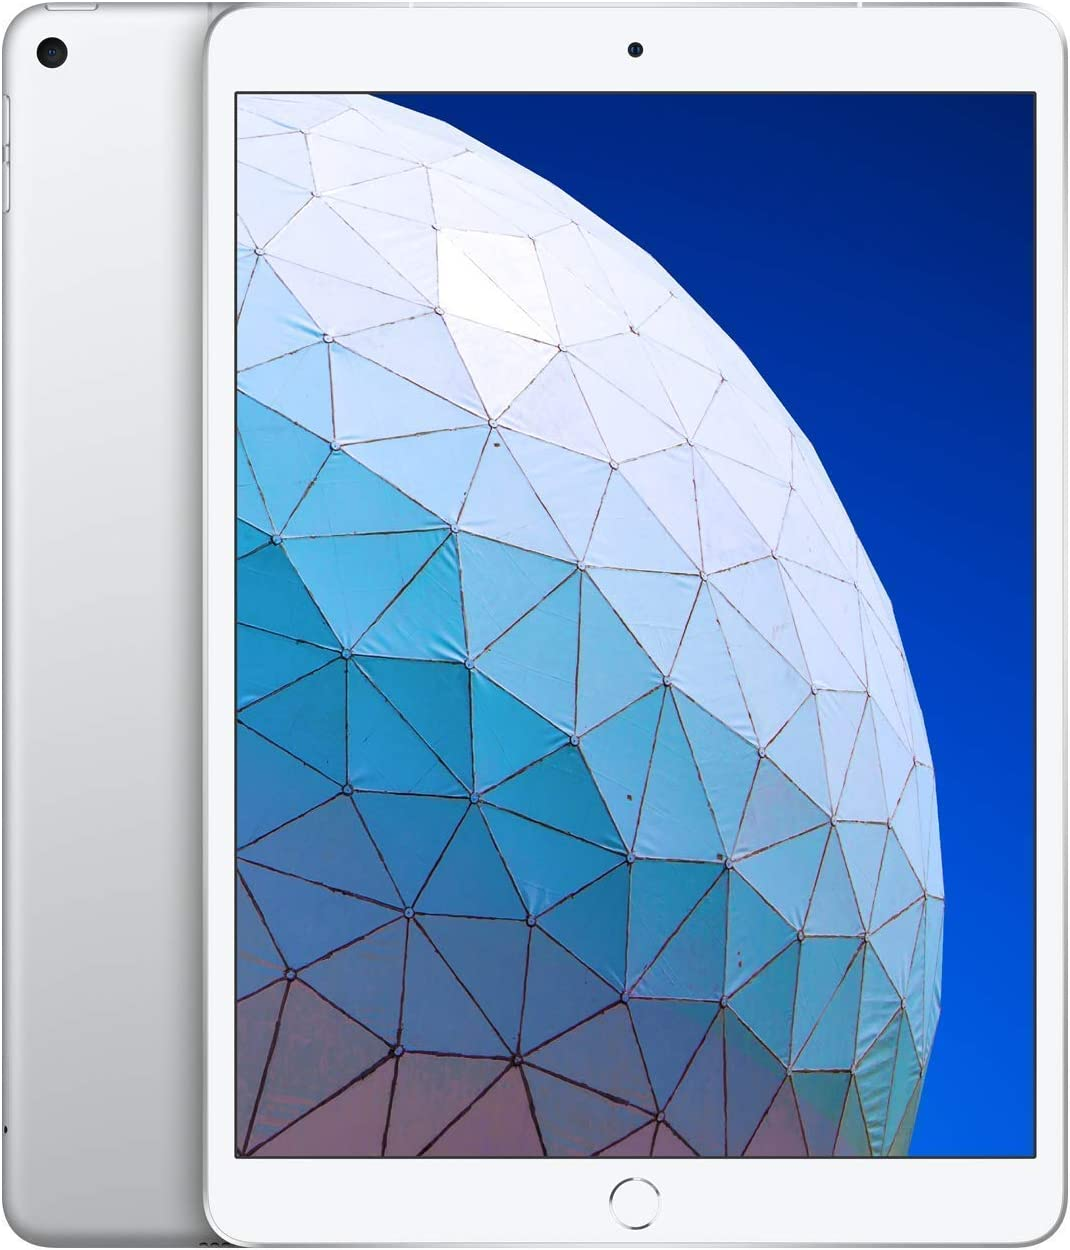 Apple iPad Air (10.5-Inch, Wi-Fi + Cellular, 64GB) - Silver (3rd Generation) (2019) (Renewed)